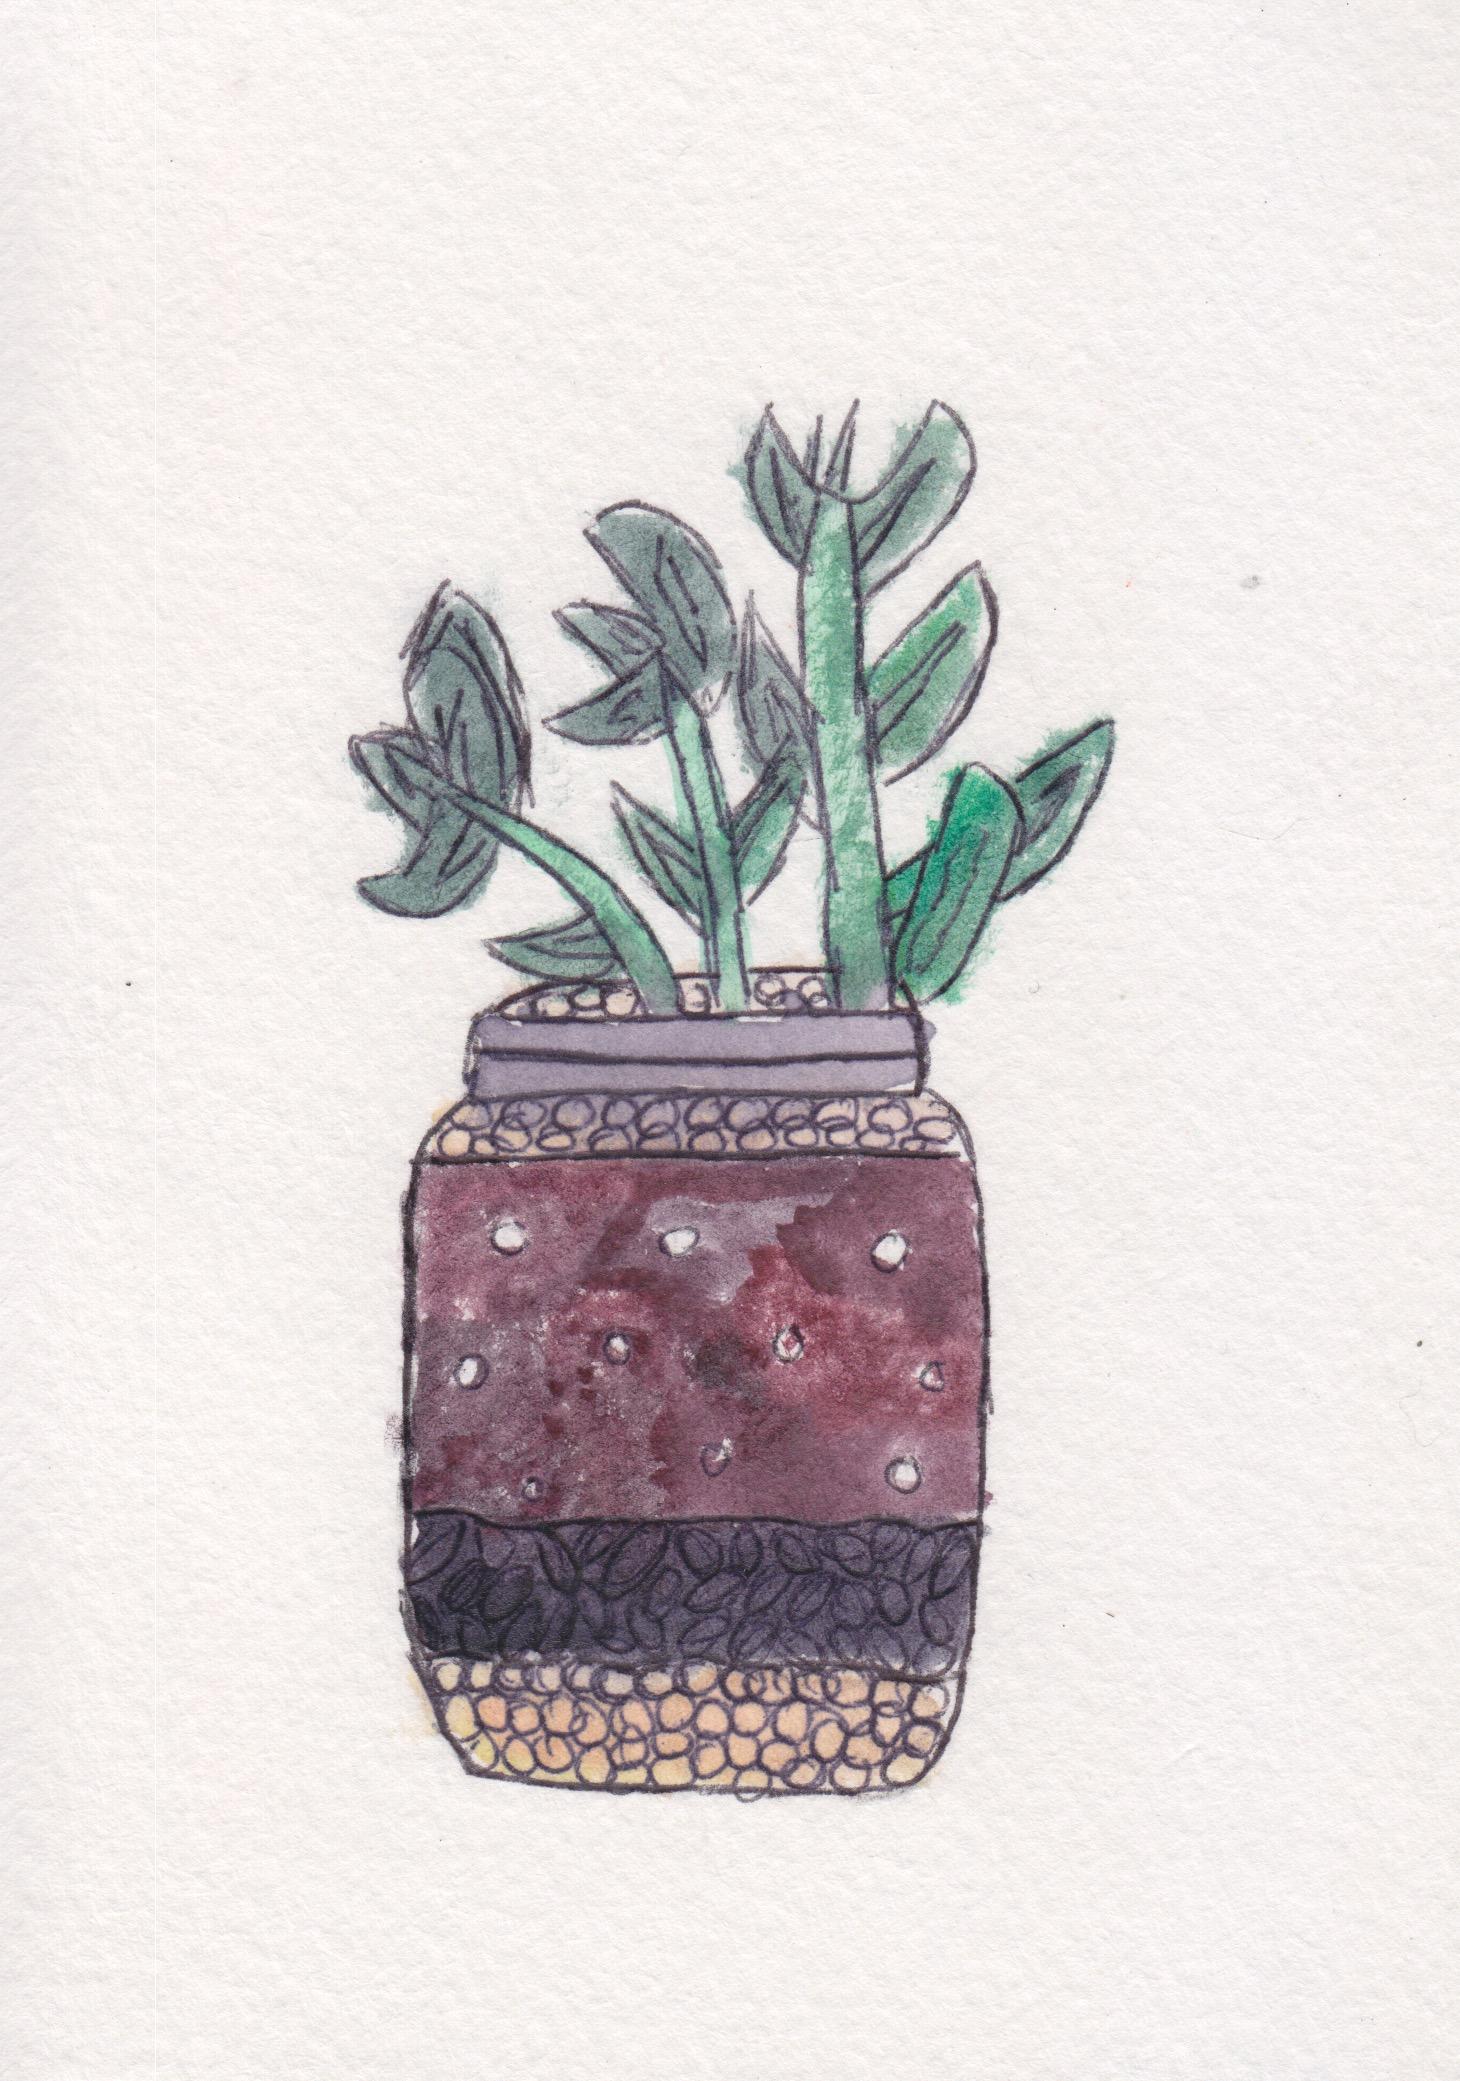 centro_watercolor terrarium_NicoleSaez.jpeg